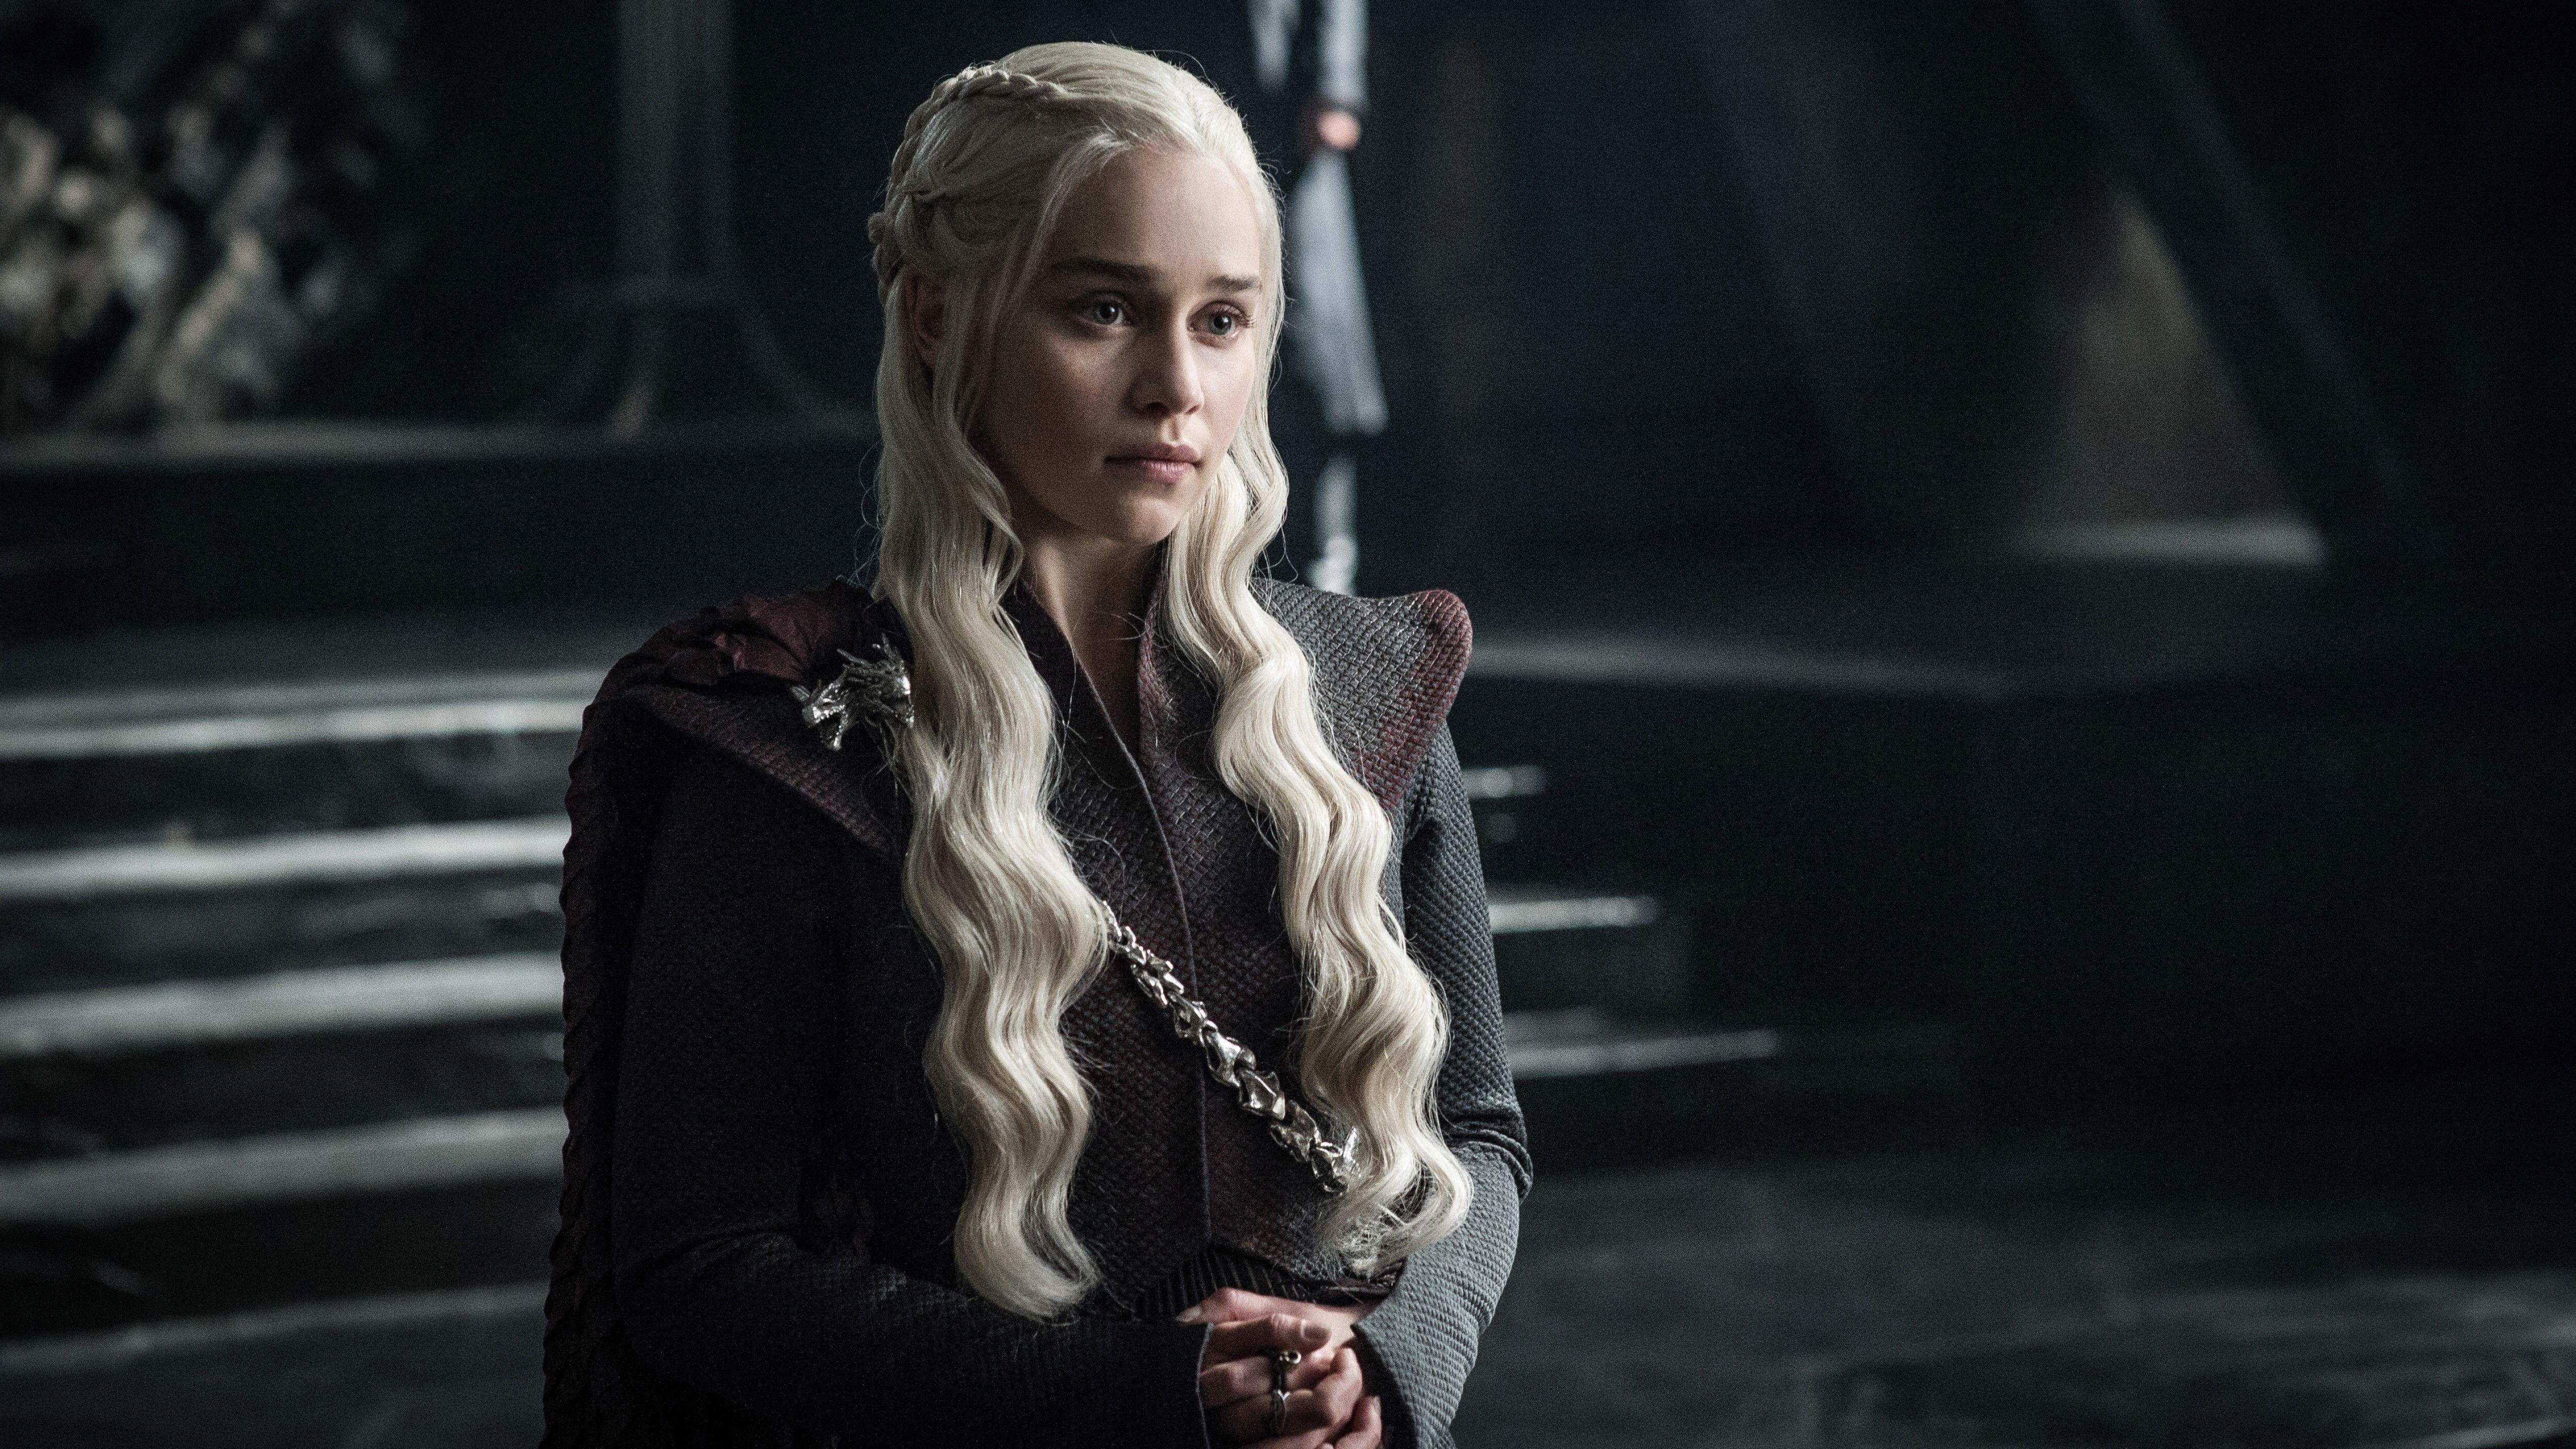 Pin De Mariana Rios Em Fan Art Daenerys Targaryen Game Of